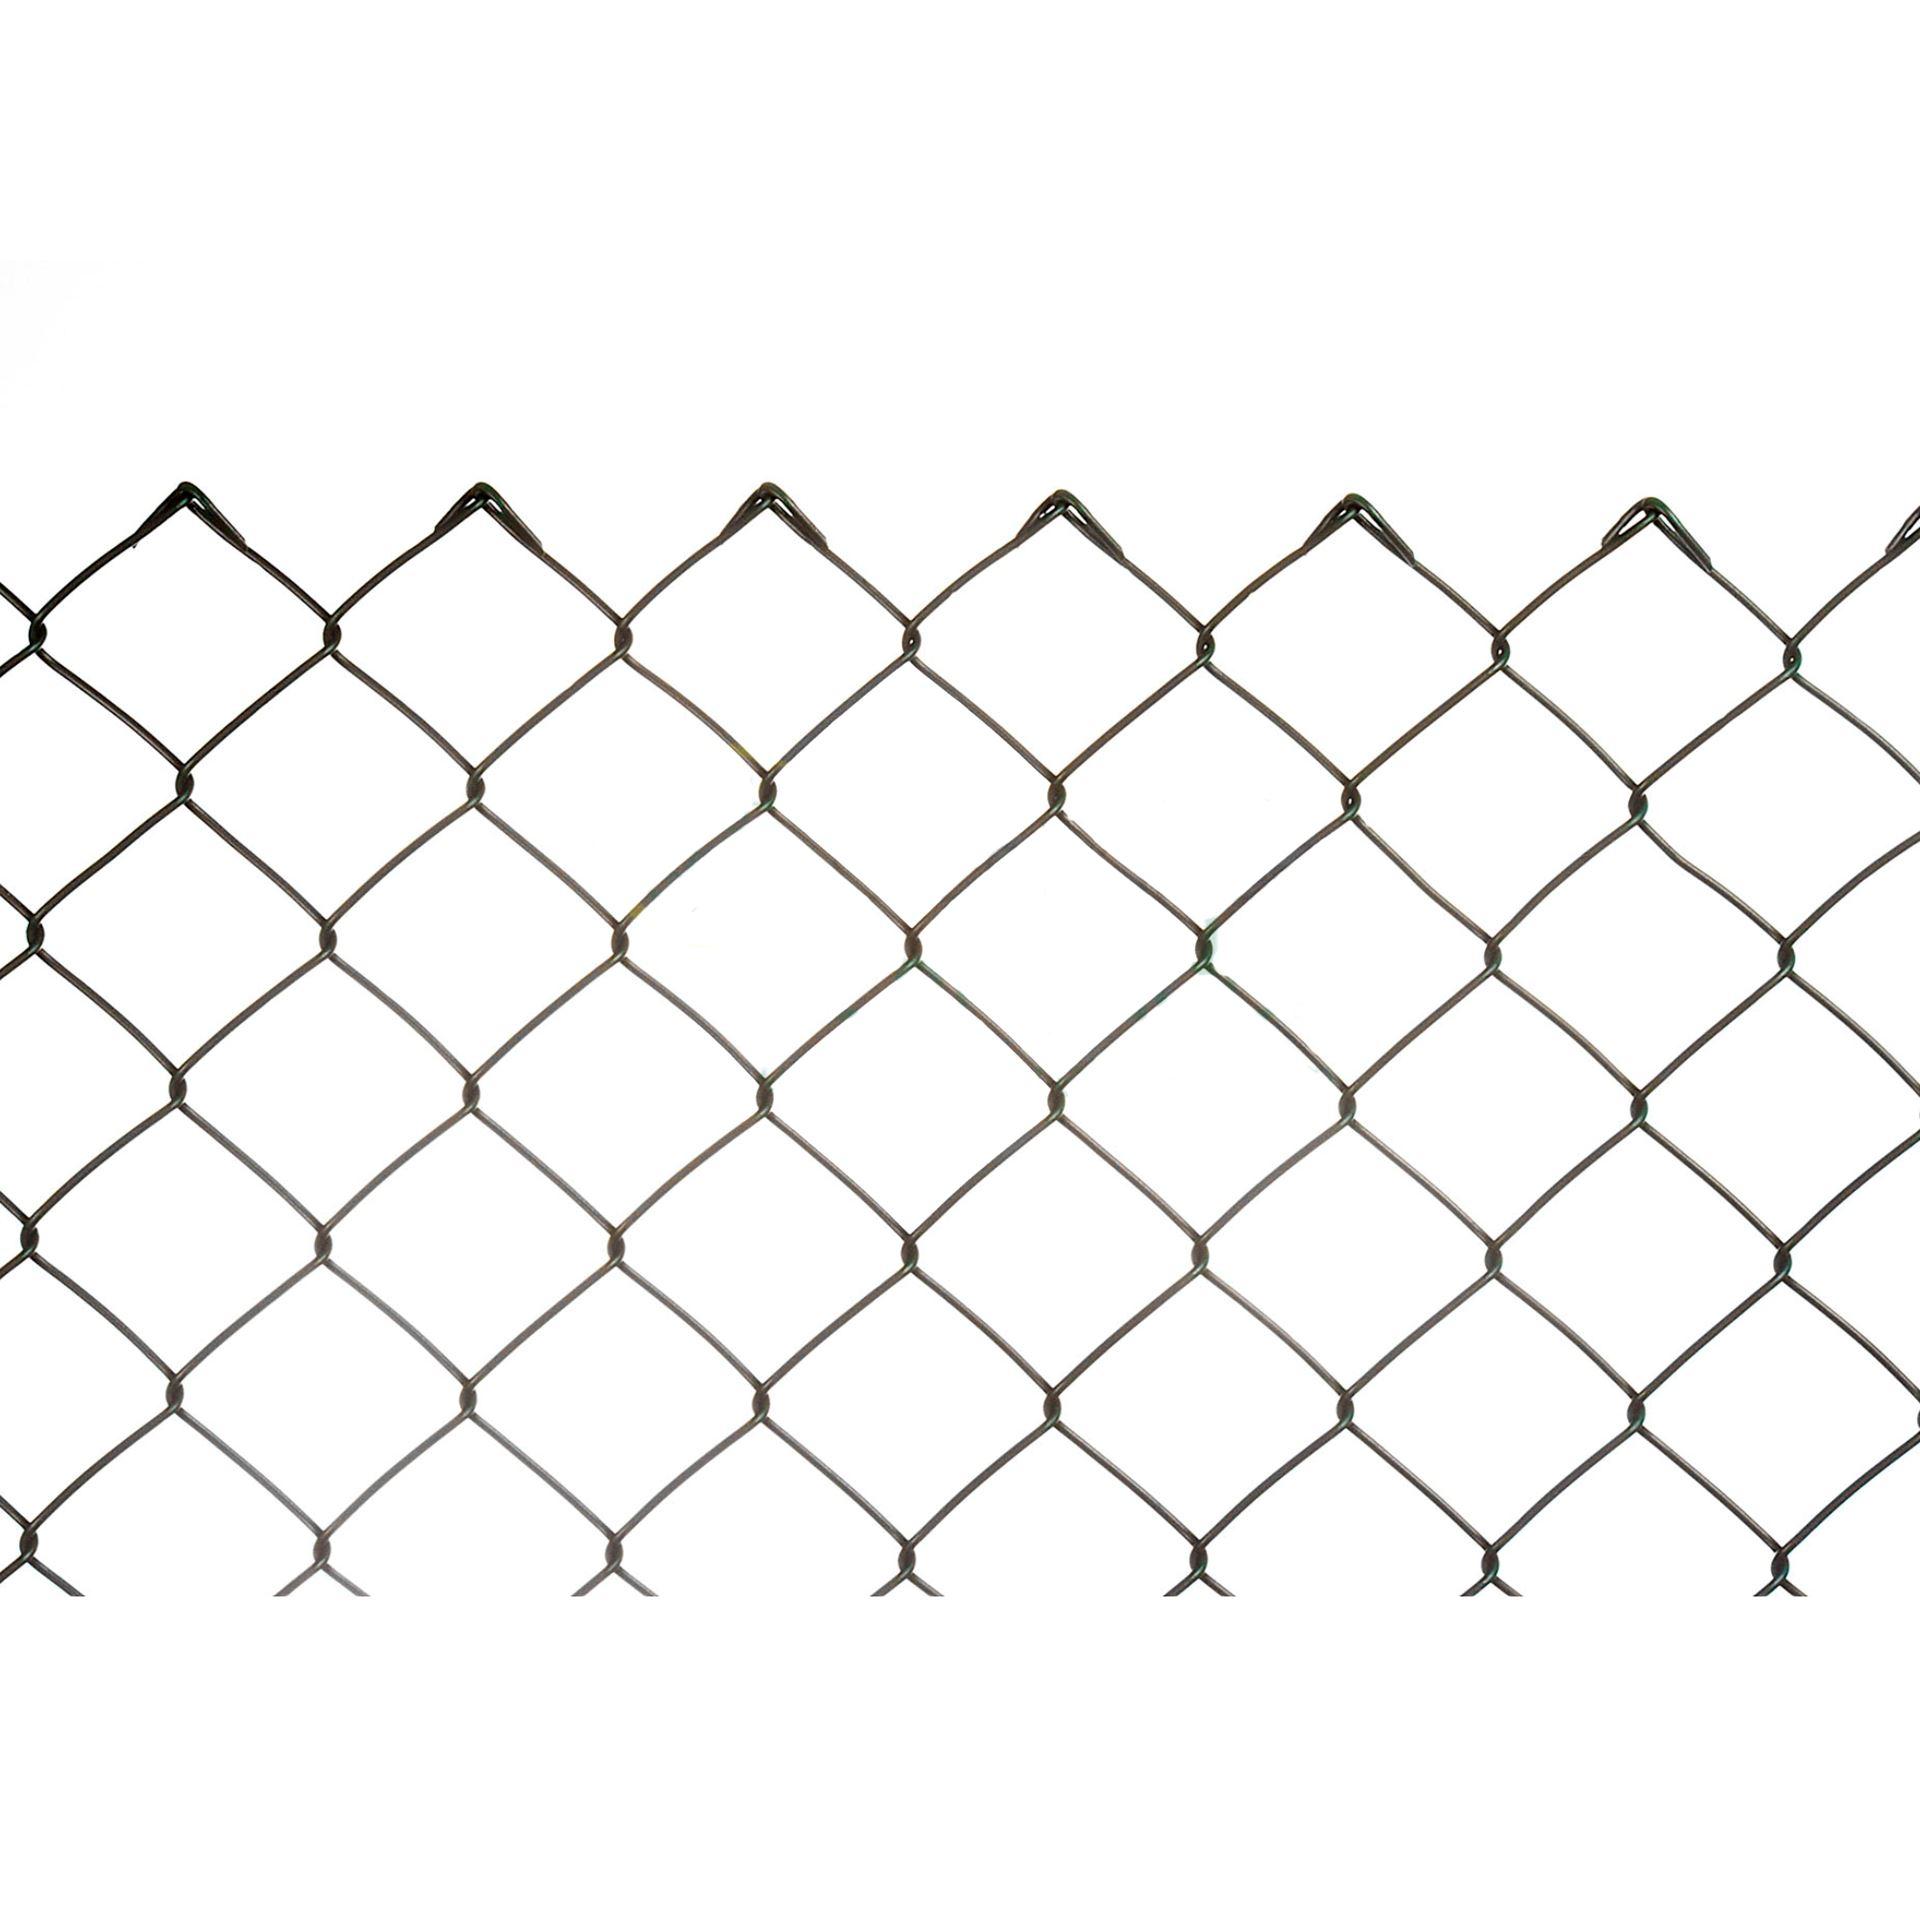 Imagen de Malla simple torsión galvanizada plastificada 3 mm 25 metros